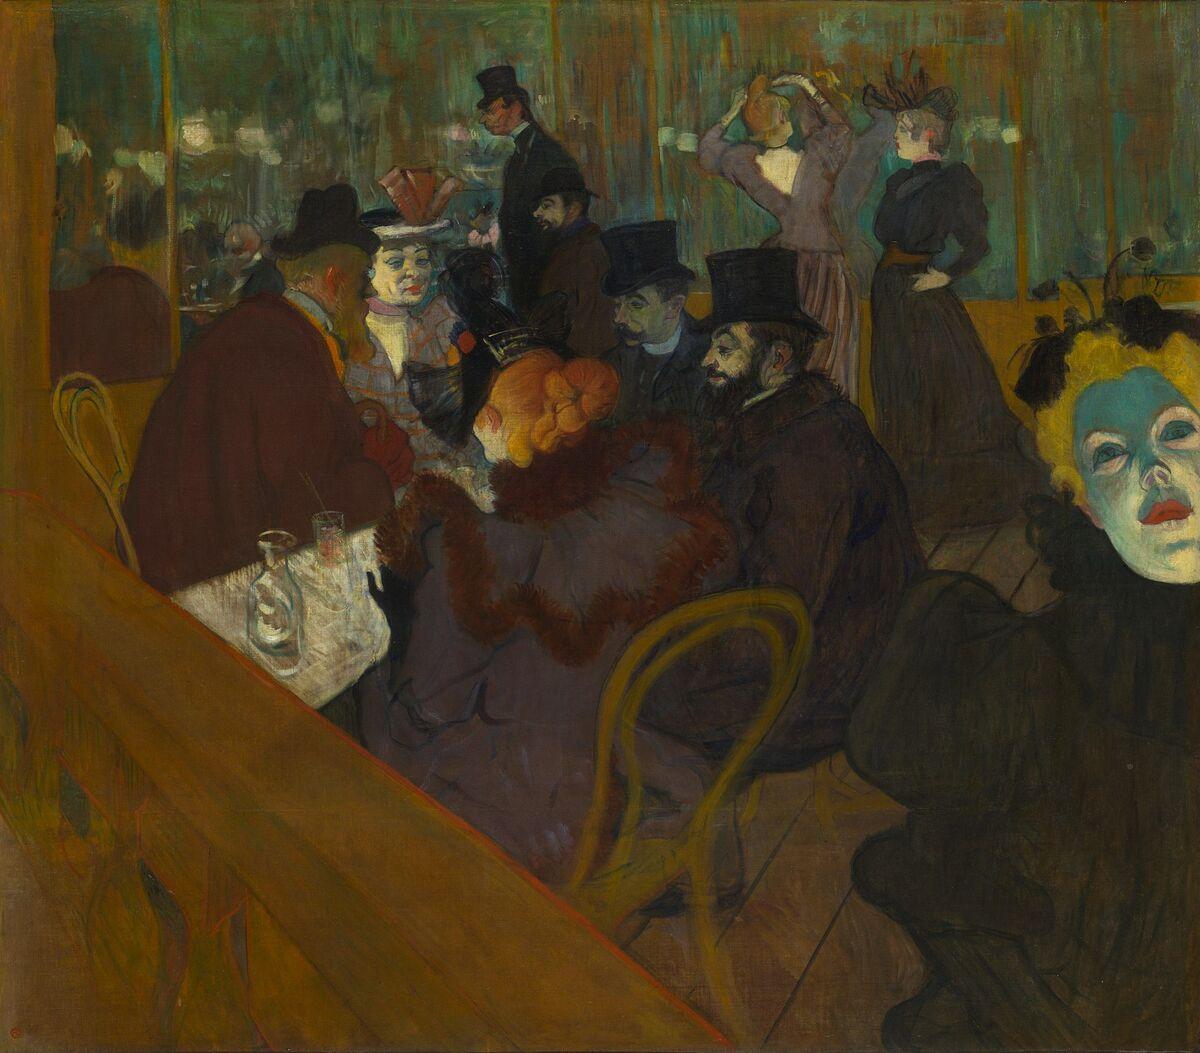 Henri de Toulouse-Lautrec, At the Moulin Rouge, 1892–95. Image via Wikimedia Commons.